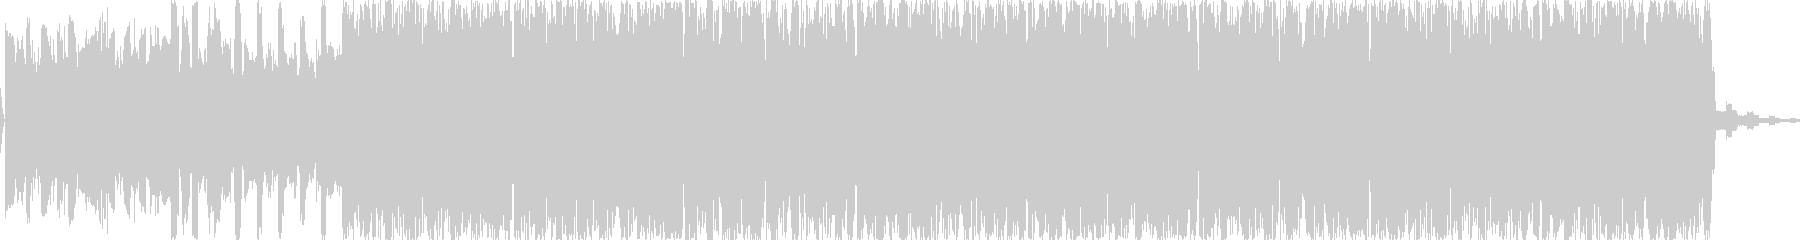 リードシンセとエフェクティブなドラムが…の未再生の波形